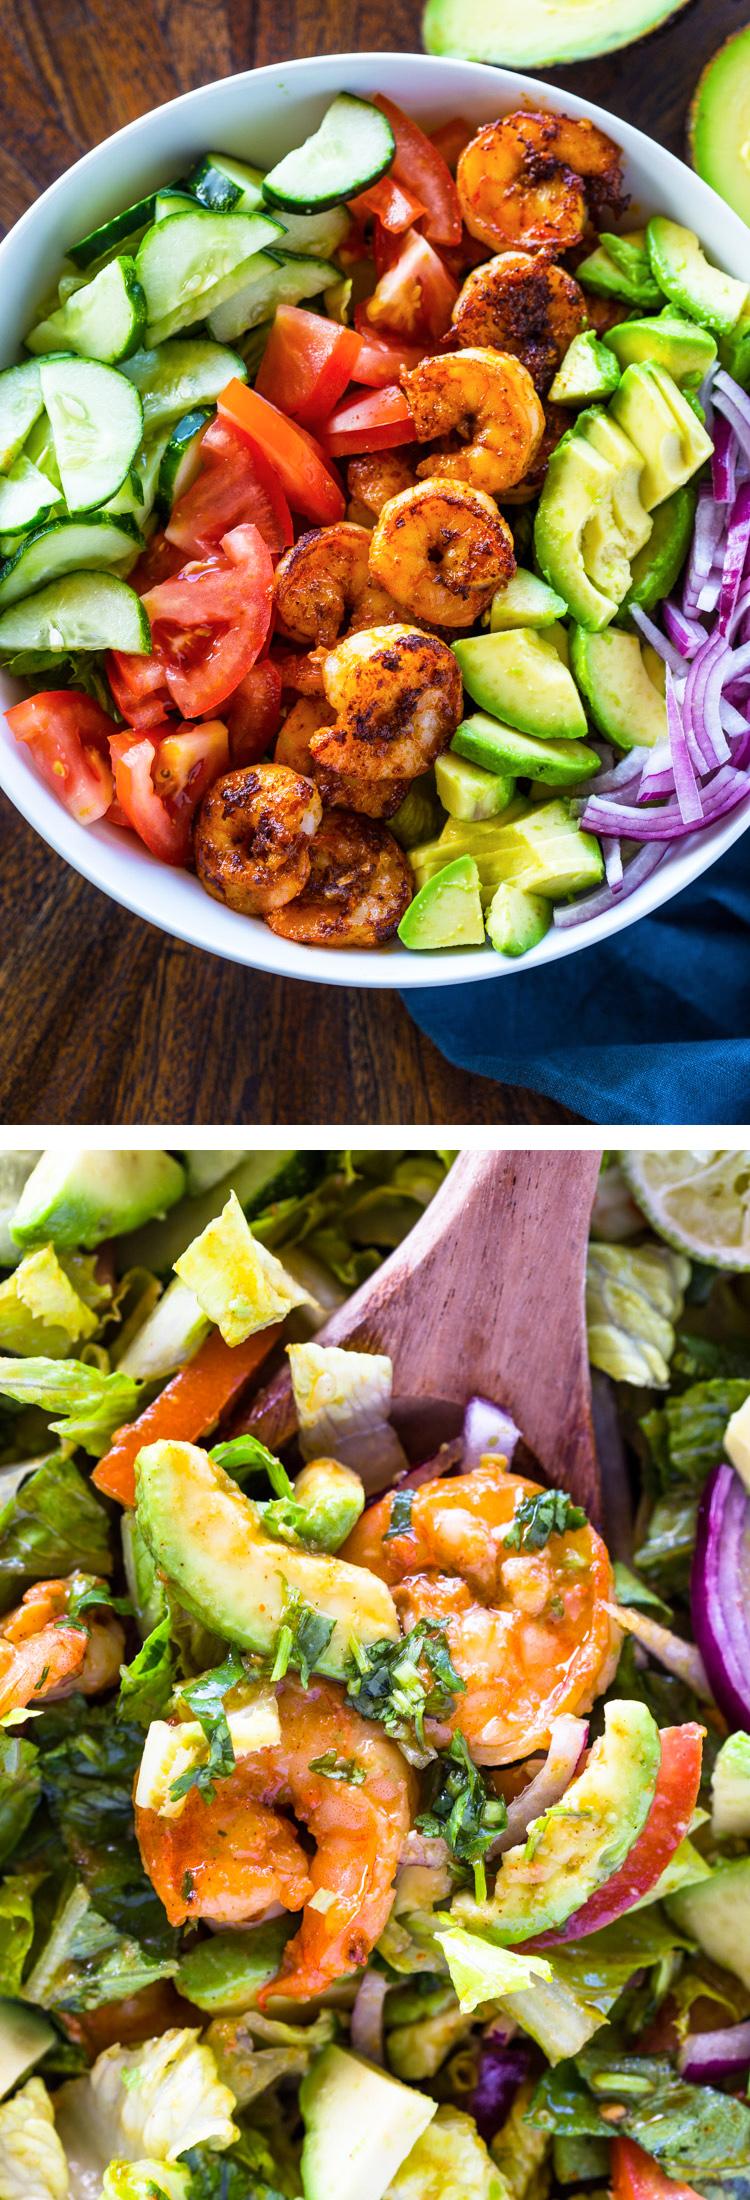 Skinny Shrimp & Avocado Salad with Cilantro Lime Dressing